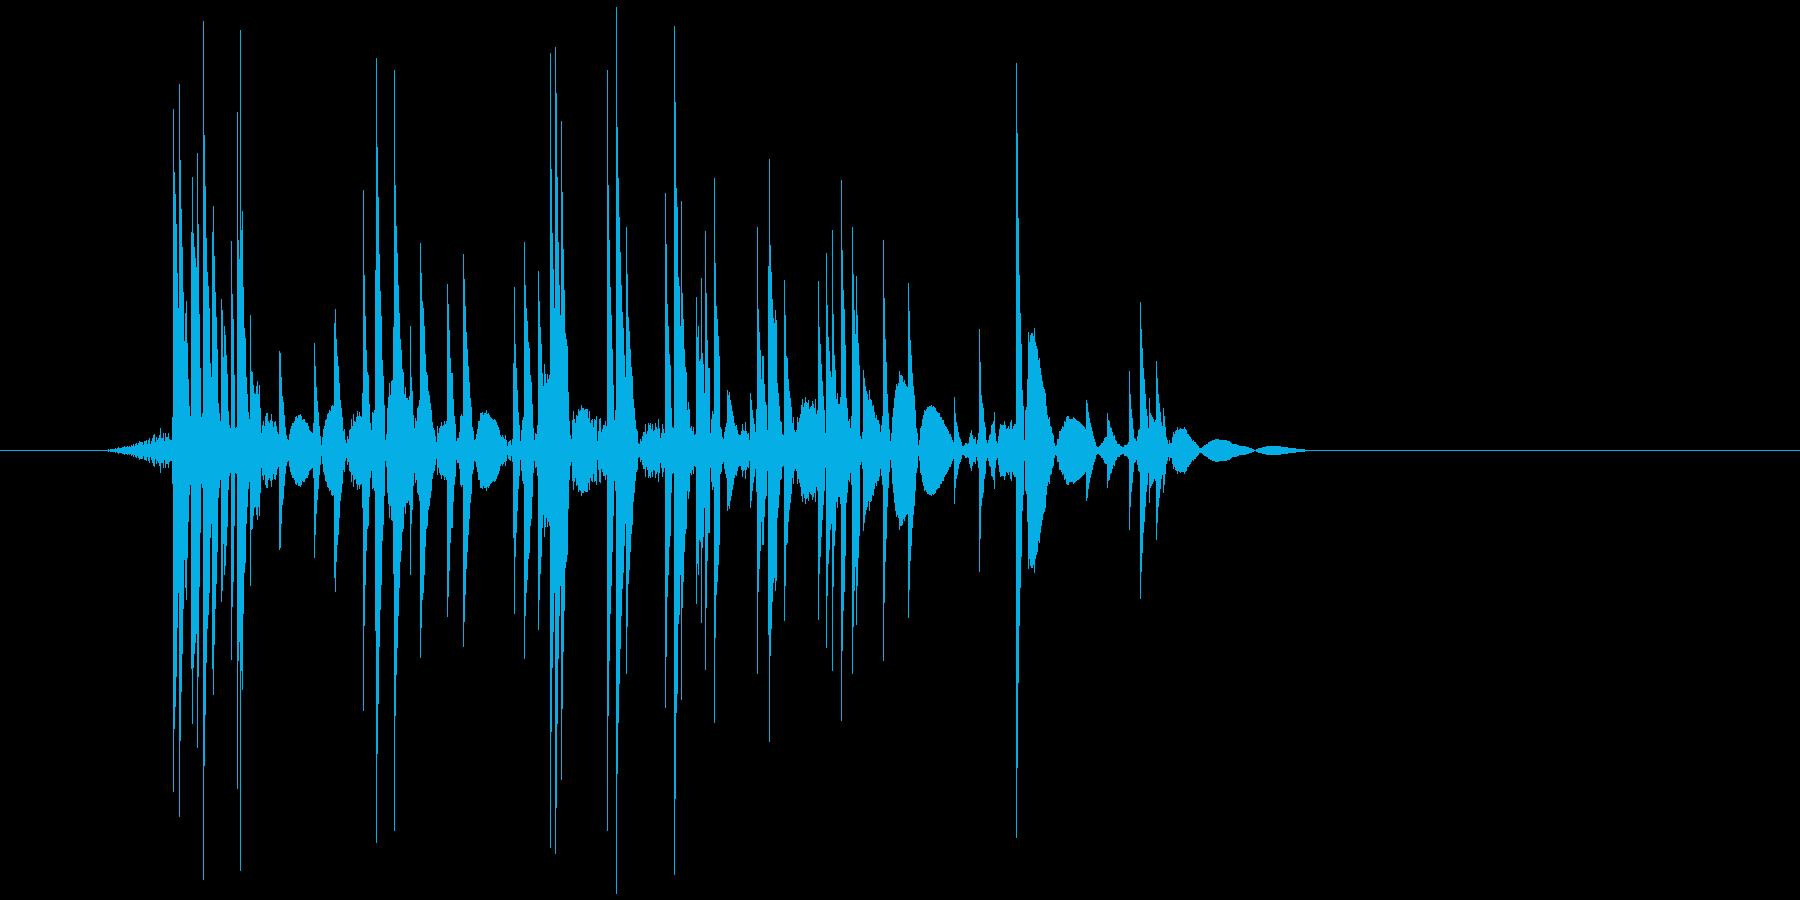 ゲーム(ファミコン風)爆発音_026の再生済みの波形